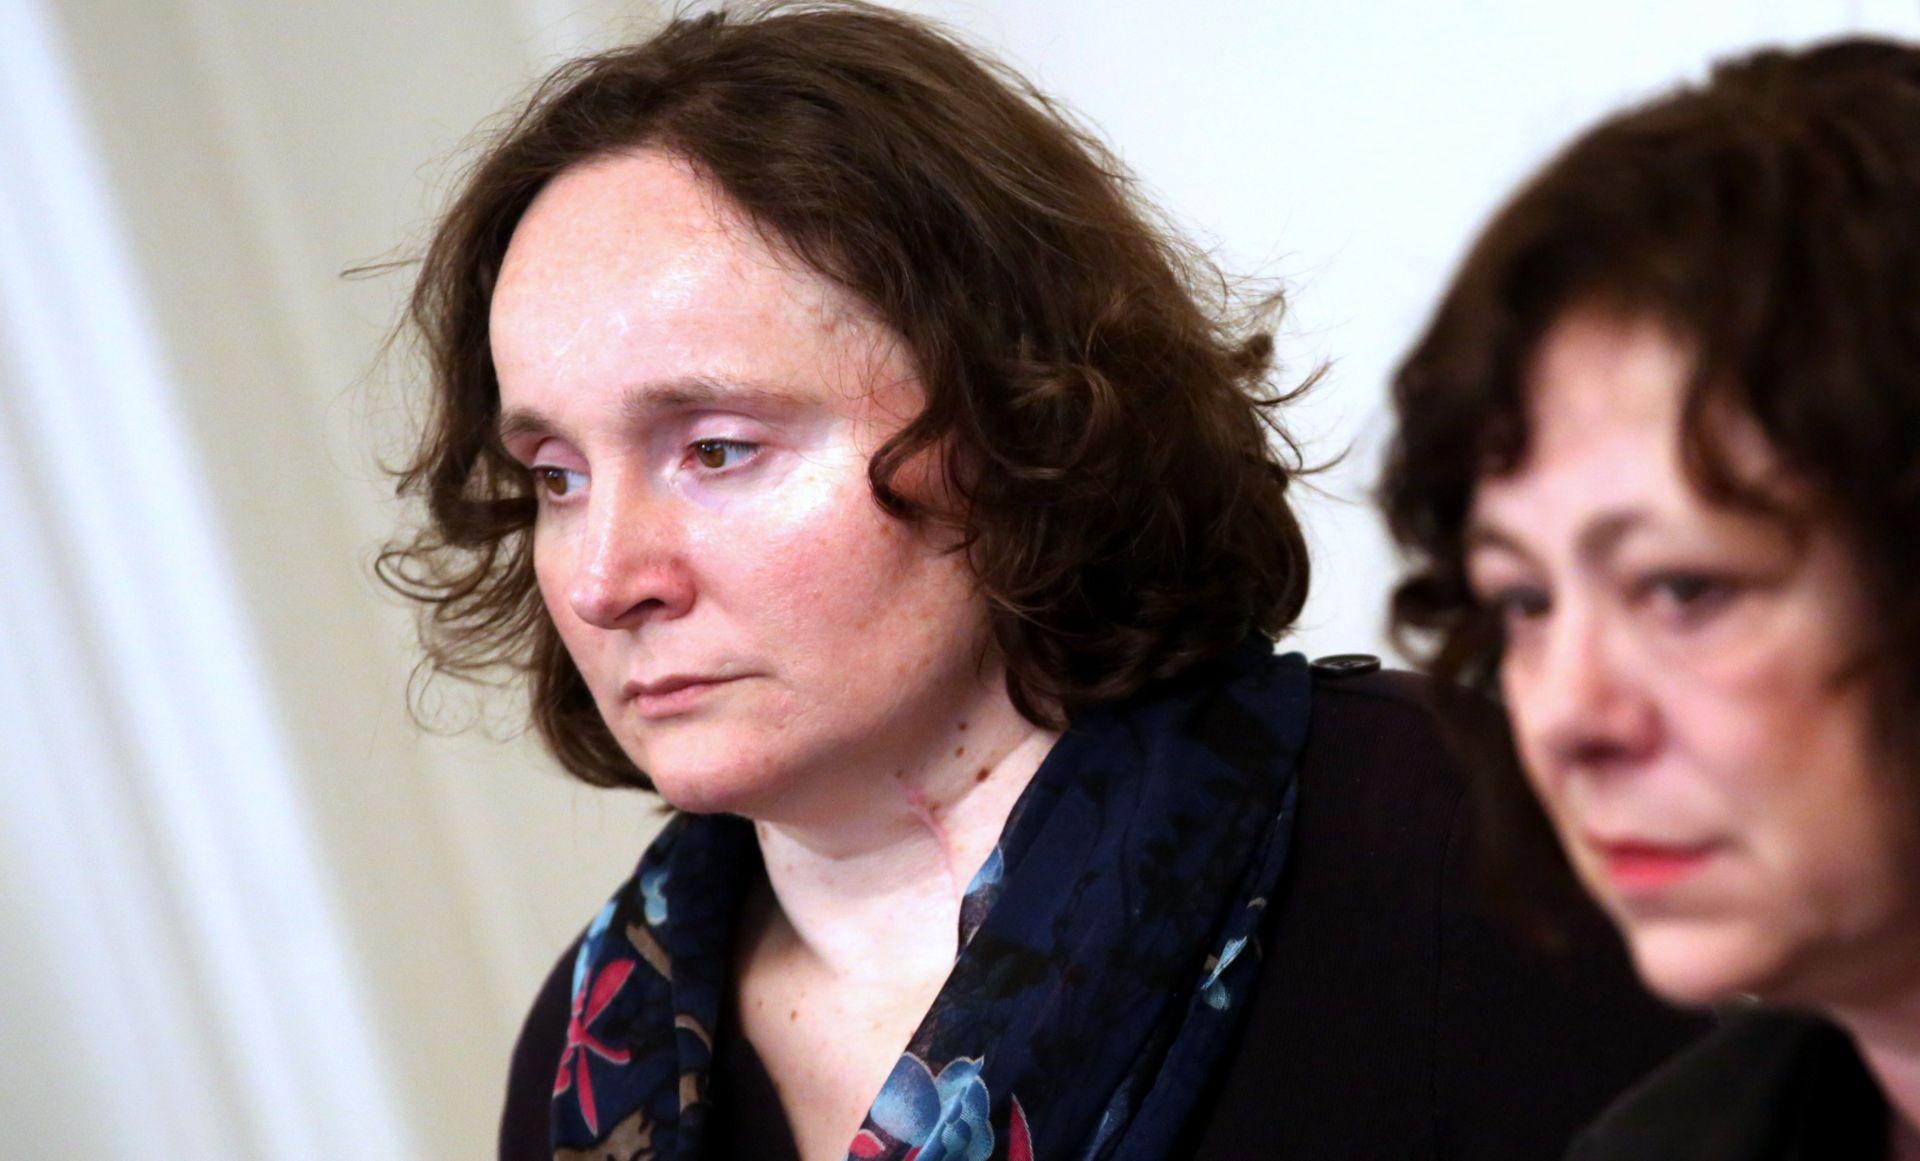 PRAVOBRANITELJICA SLOŠNJAK Dostojanstven život žena s invaliditetom pravo, a ne povlastica